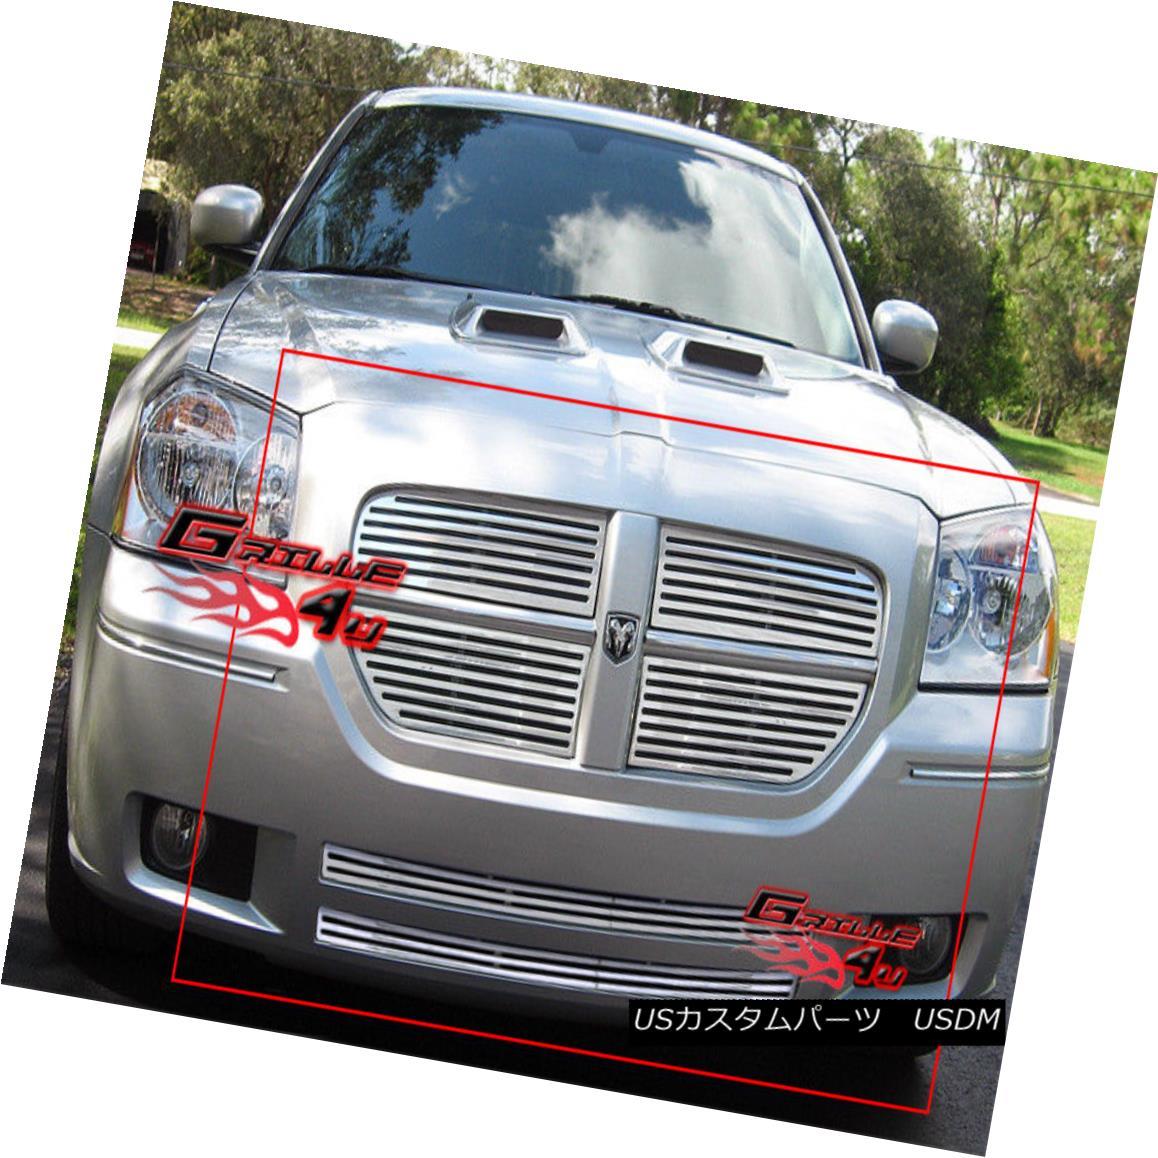 グリル For 05-07 Dodge Magnum Perimeter Billet Grille Combo Insert 05-07ドッジマグナムペリメータービレットグリルコンボインサート